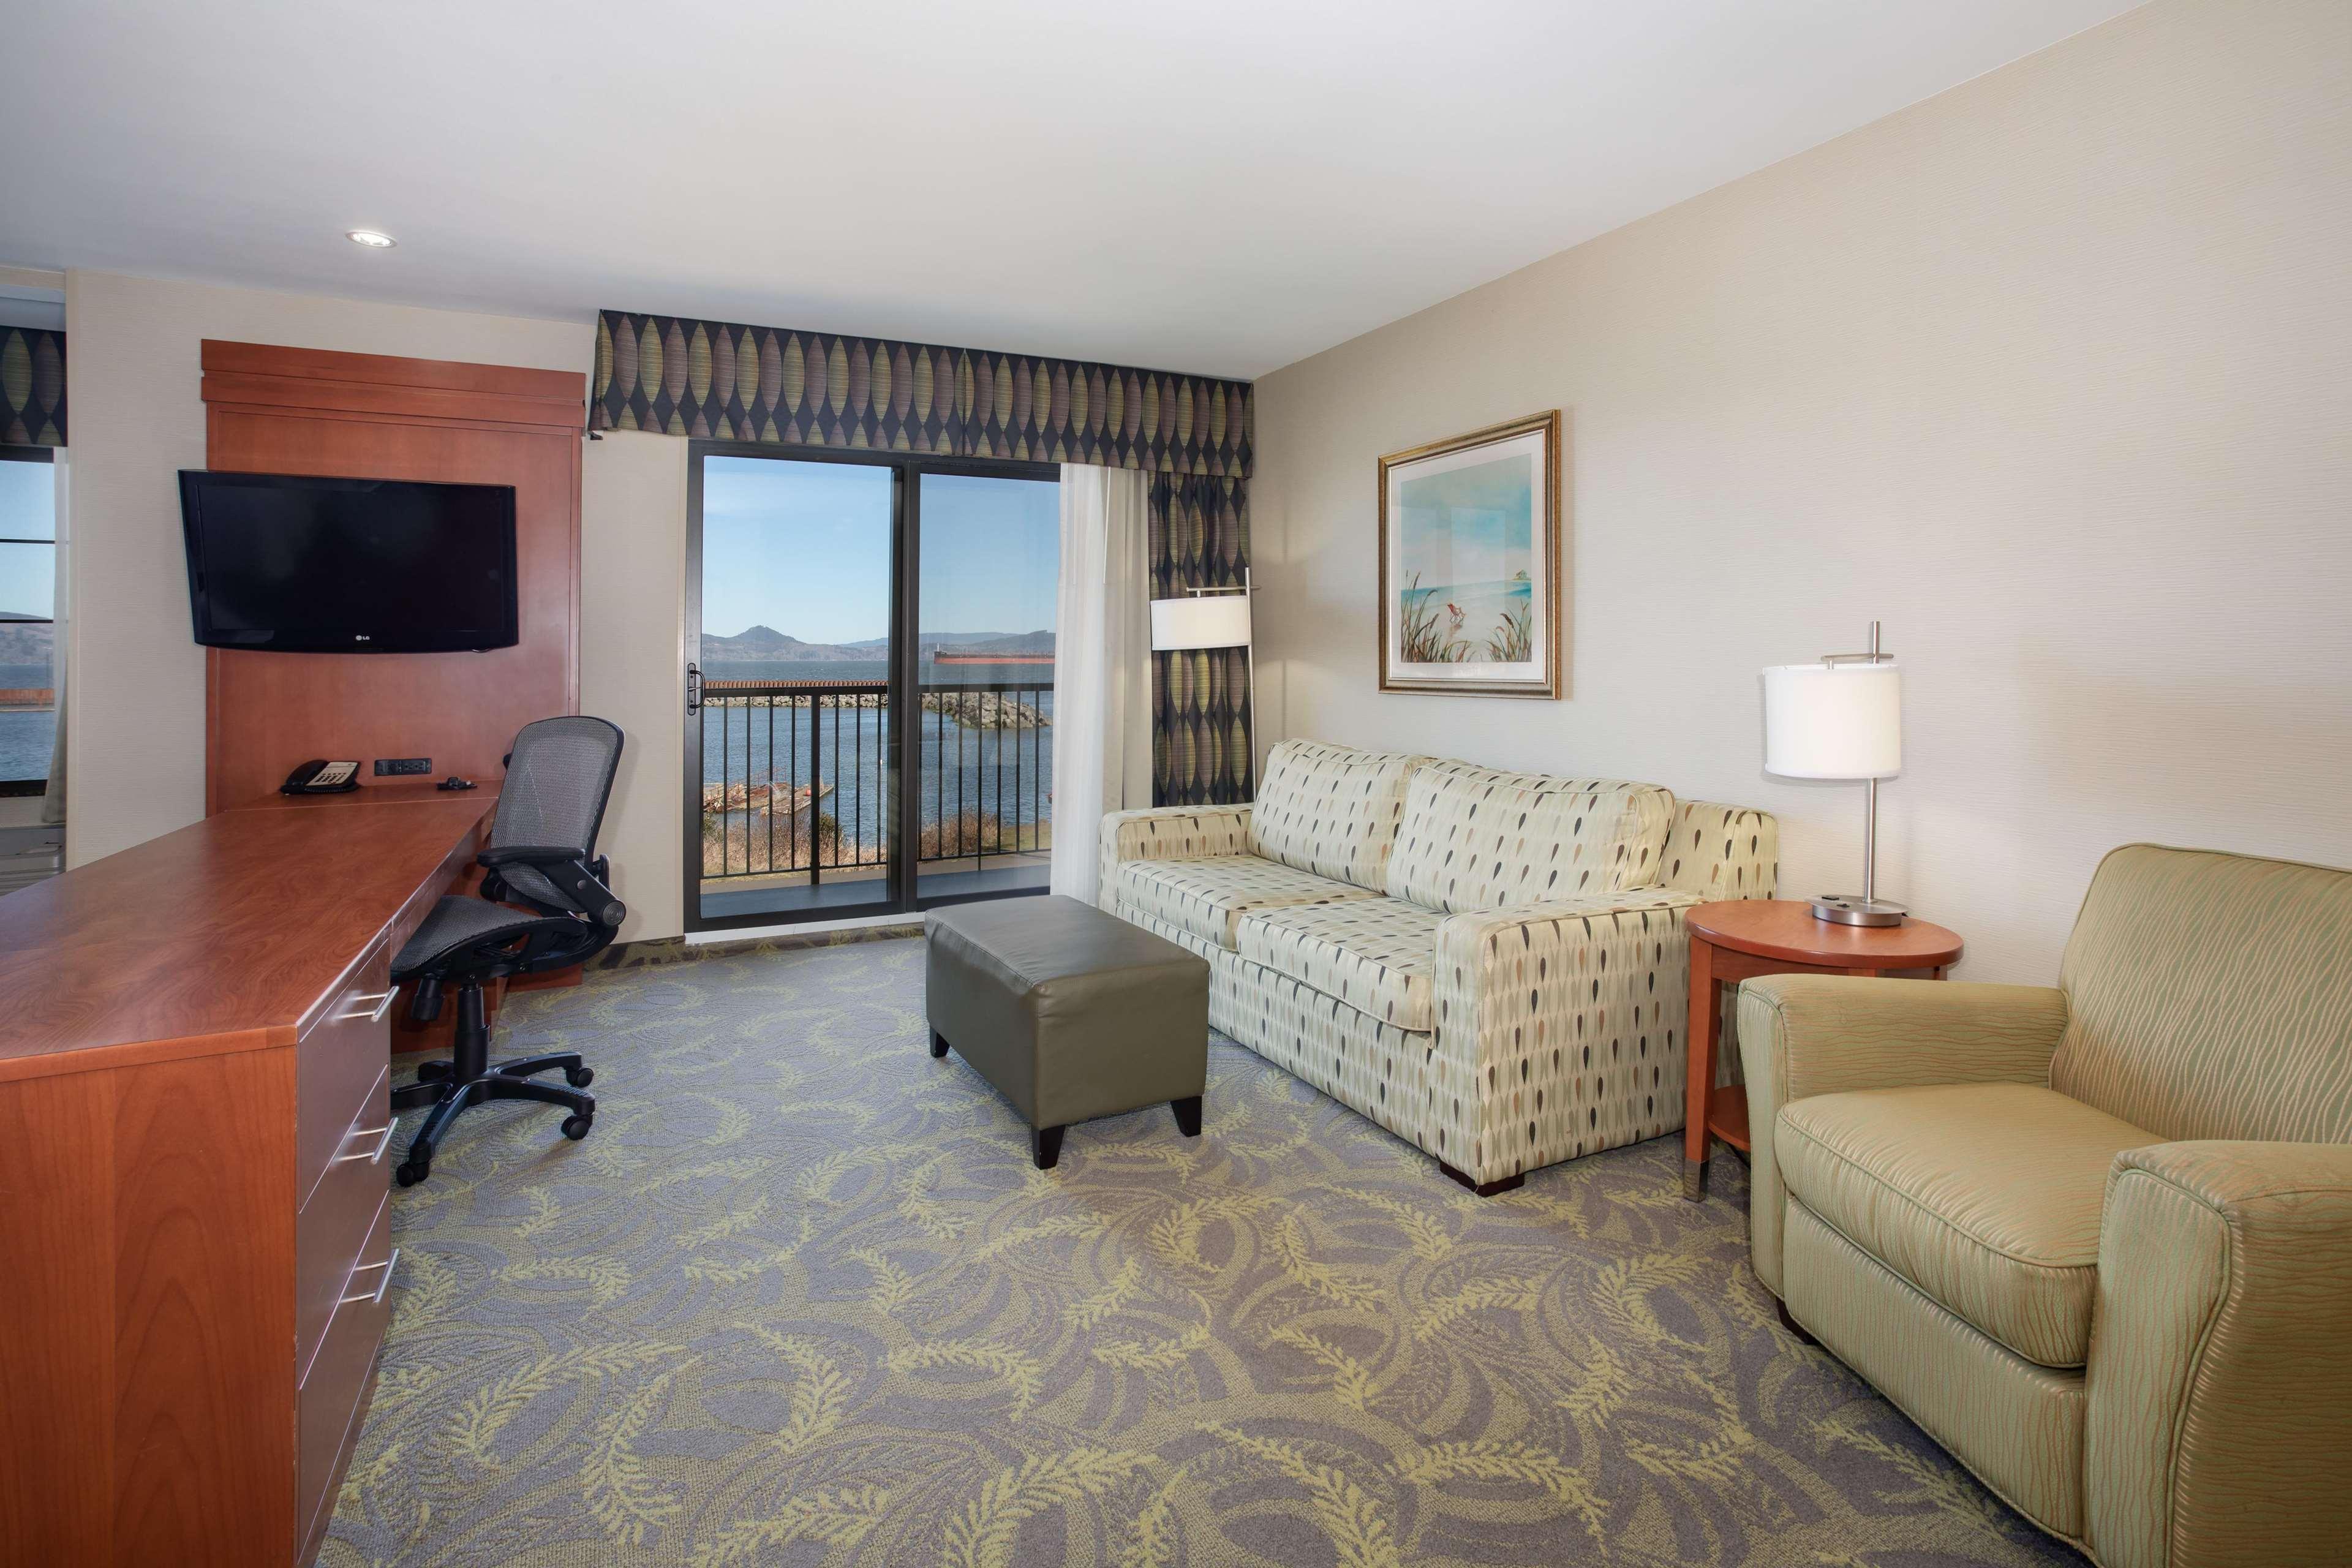 Hampton Inn & Suites Astoria image 64